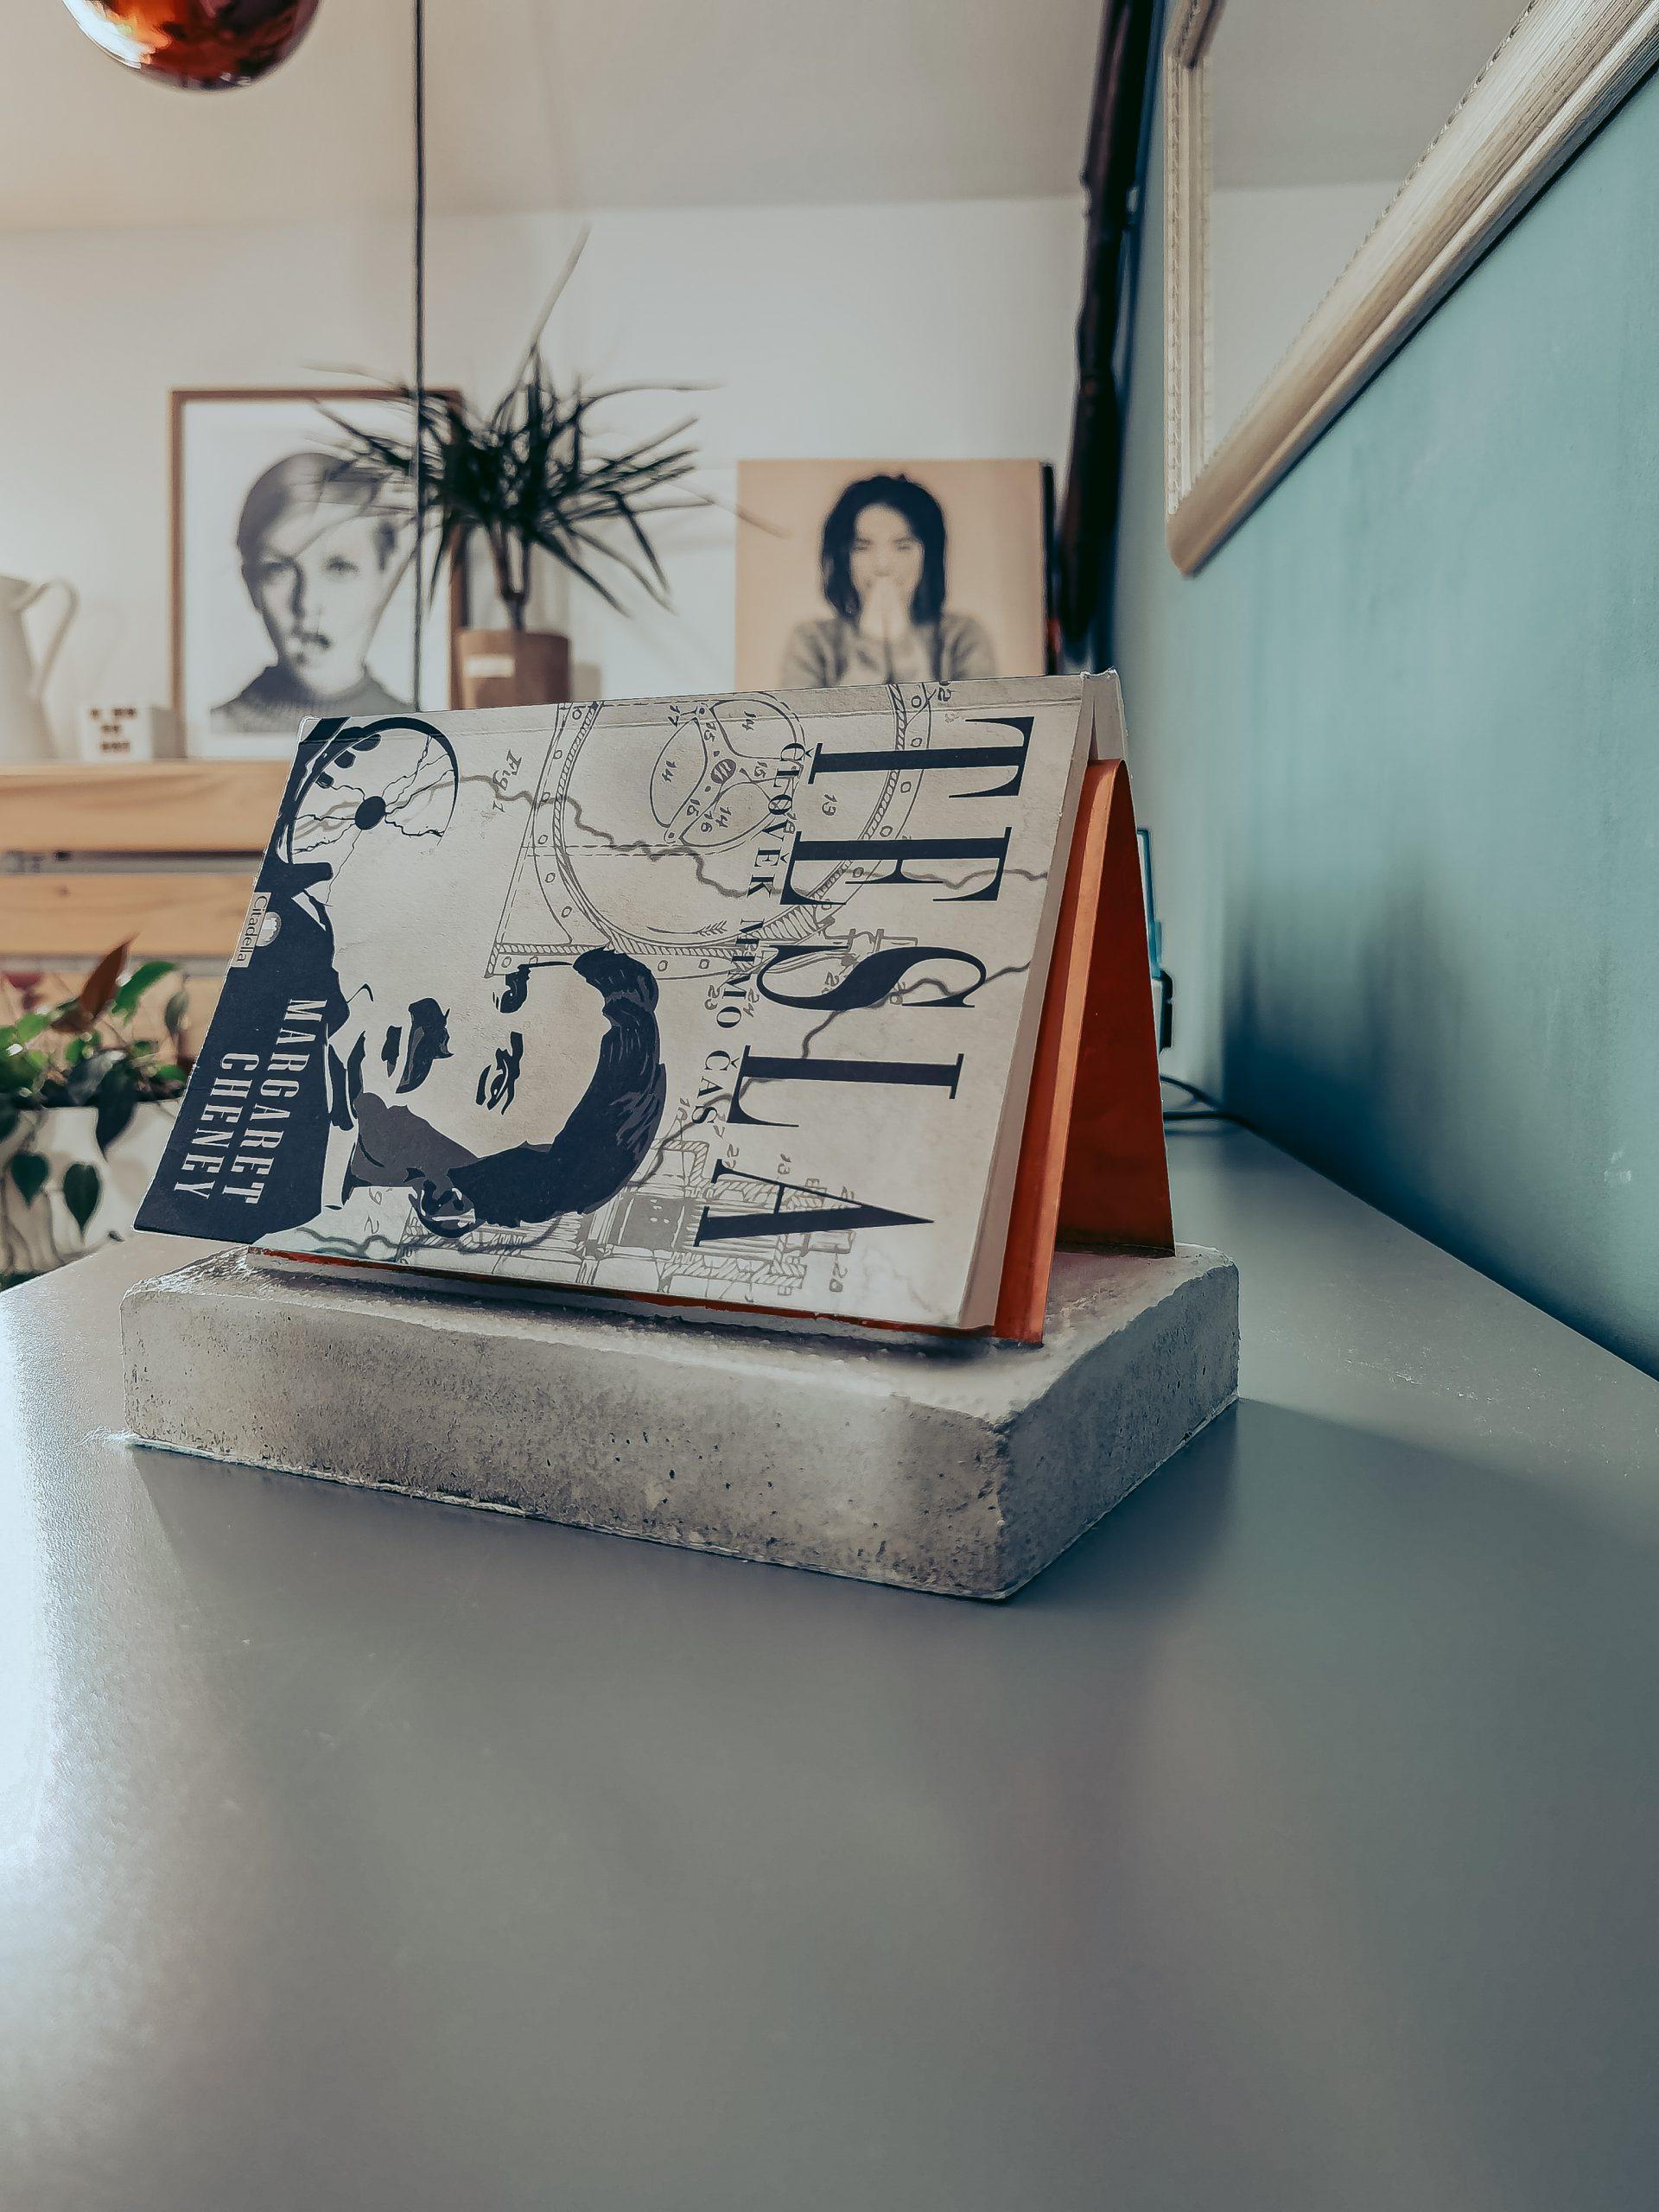 IMG 20210823 124038 scaled - Praktischer Buch-Halter aus Kupfer und Beton